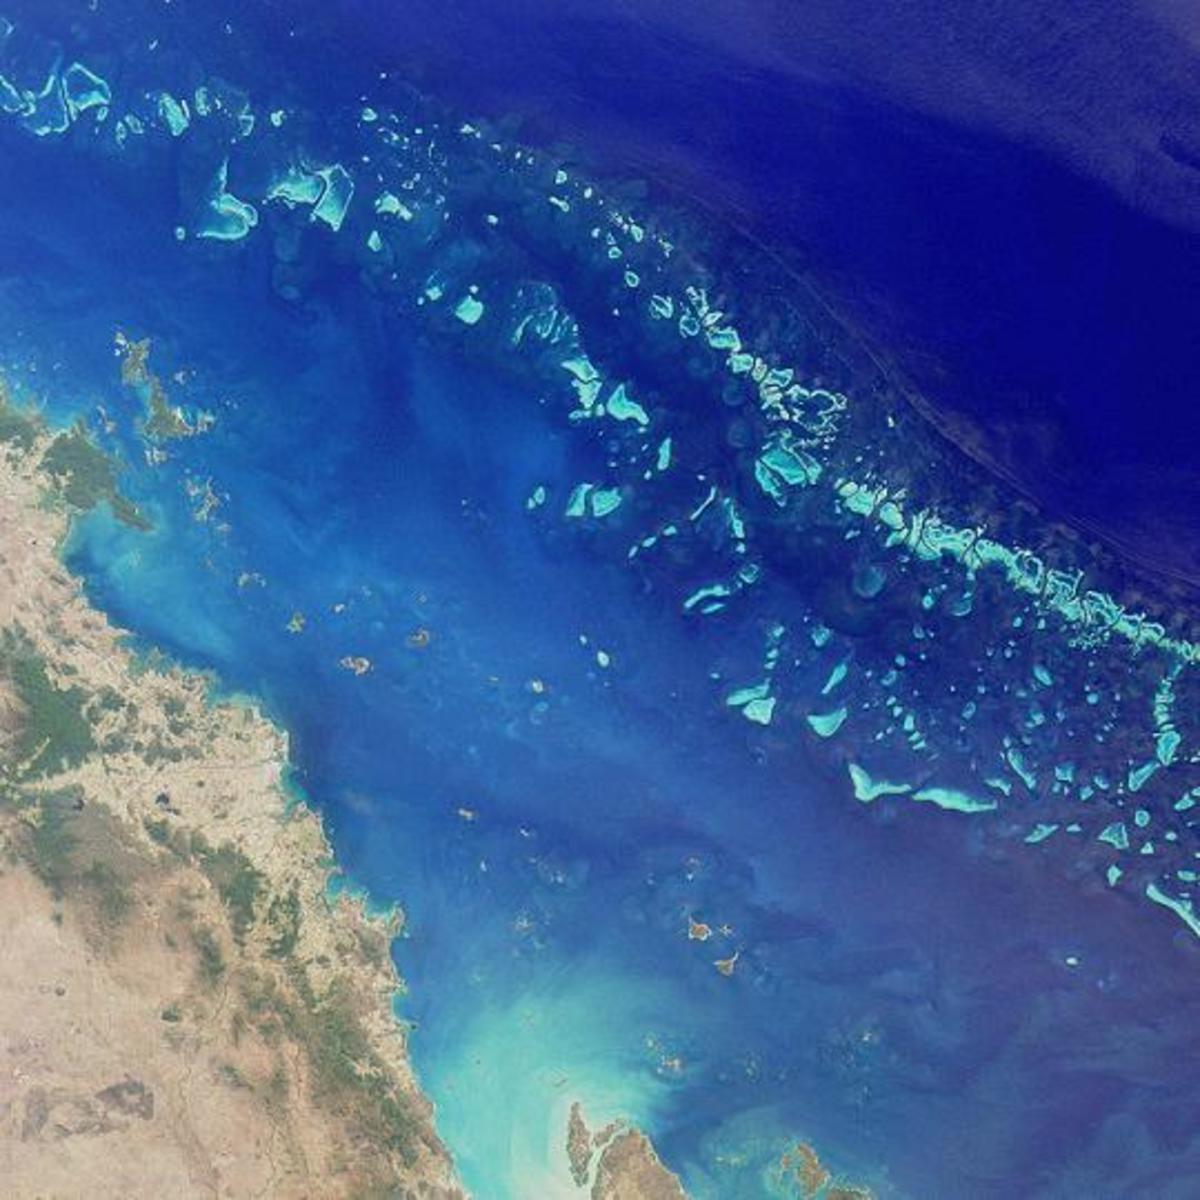 Satellite view, NASA (public domain)